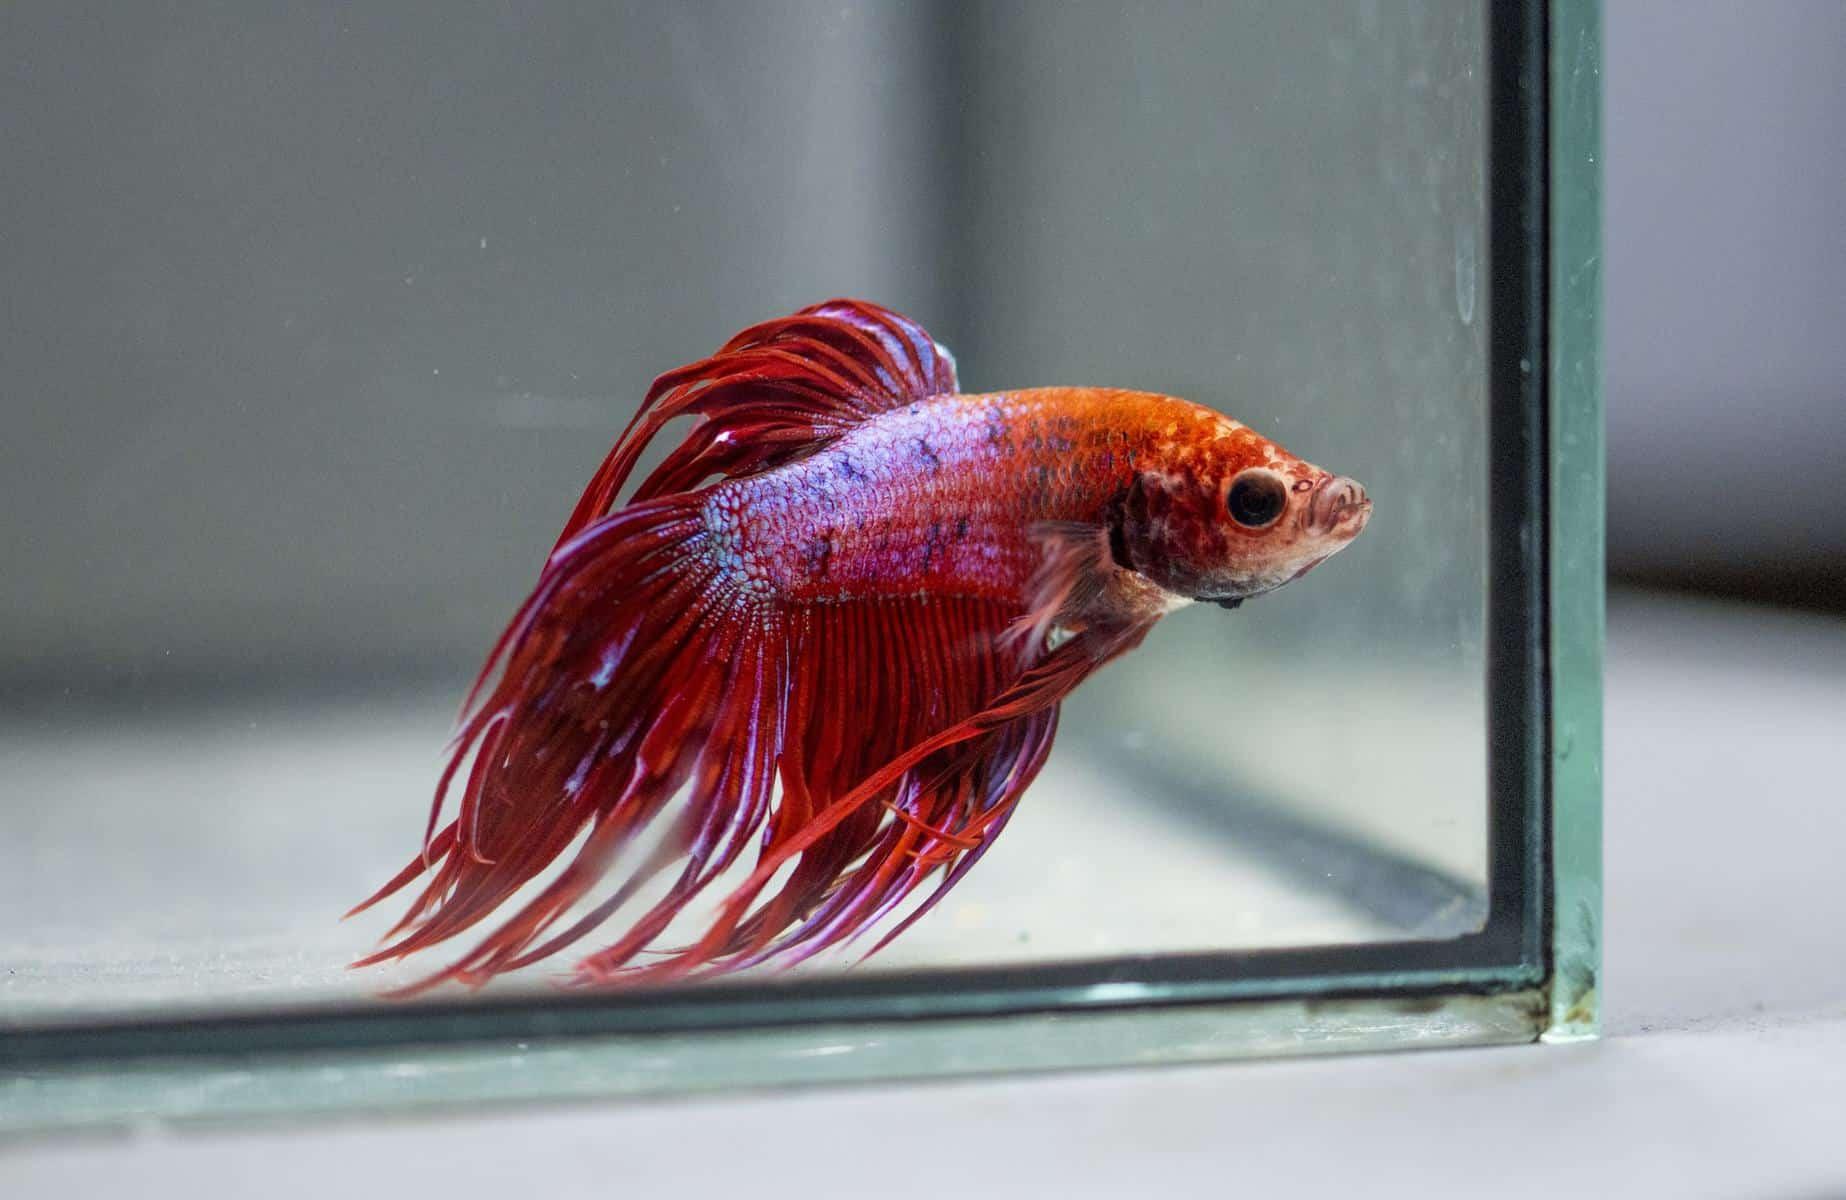 red betta fish in the bottom of aquarium